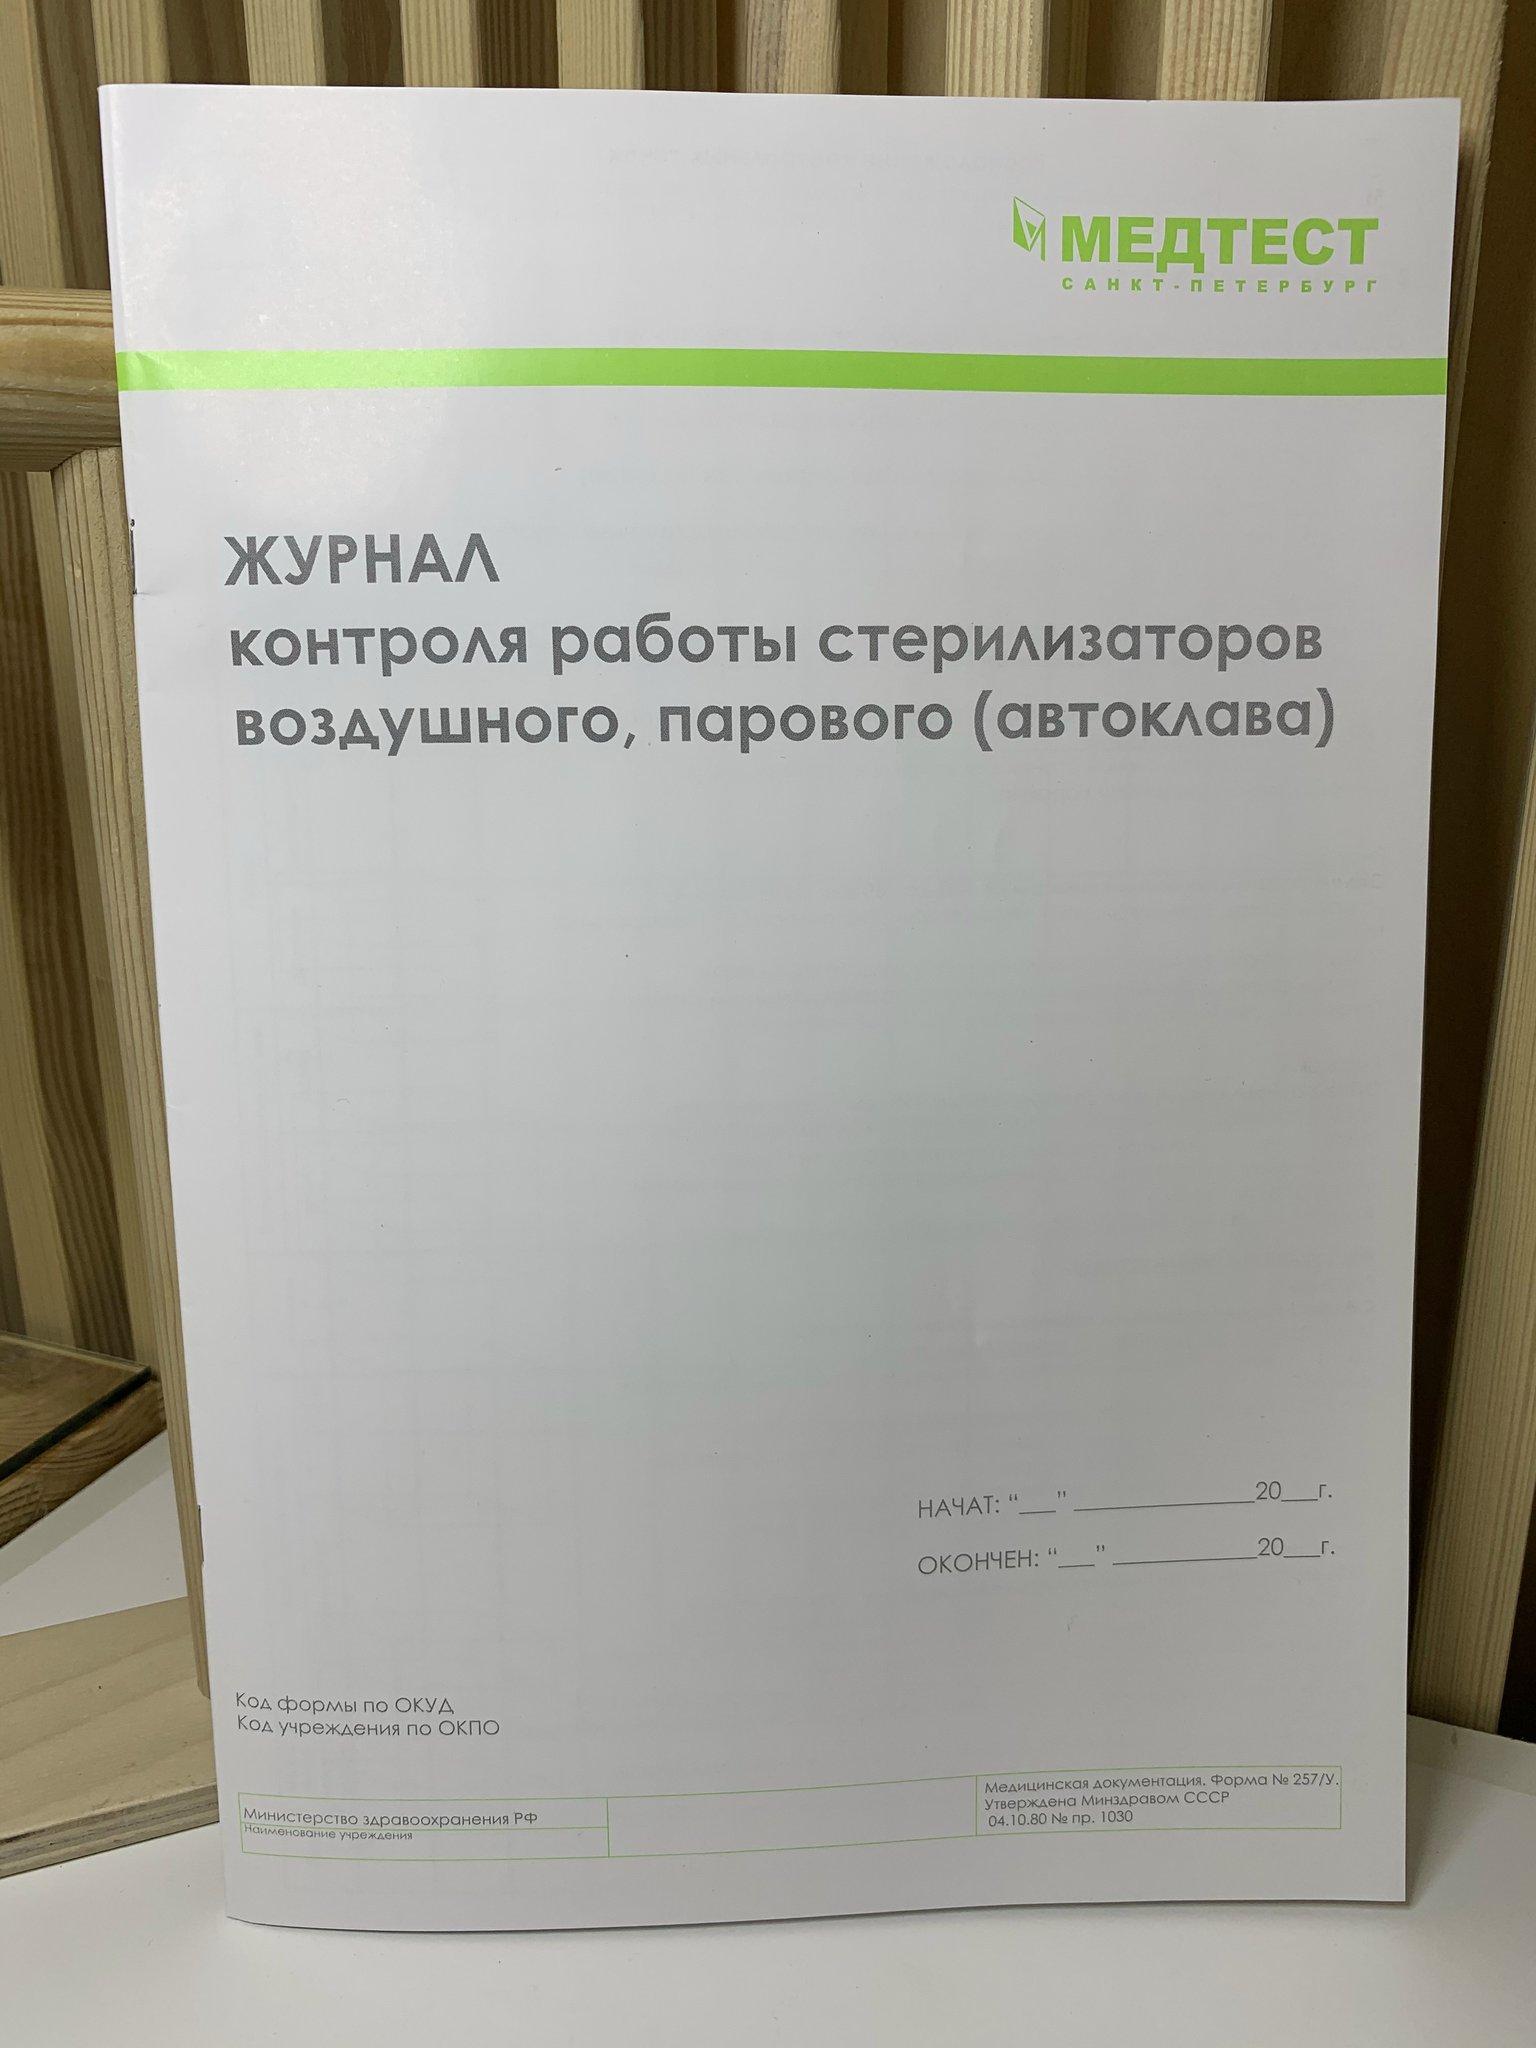 Журнал контроля работы стерилизаторов 257/У